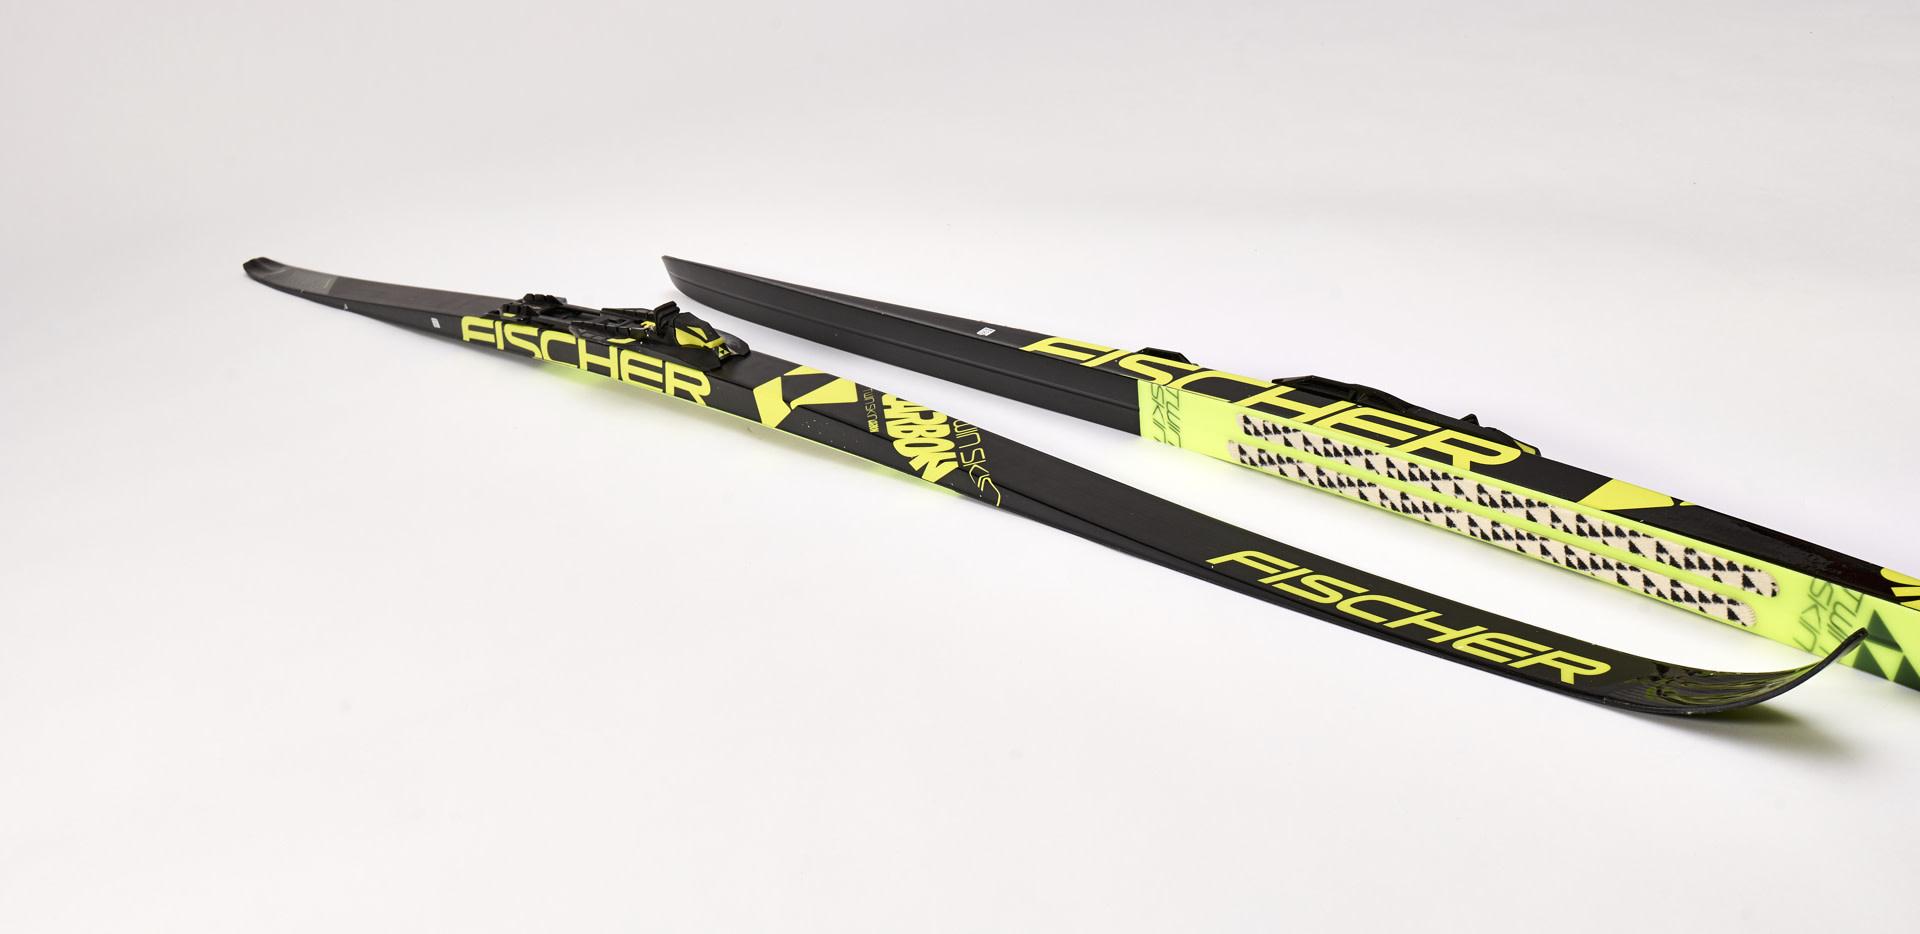 Skis Fischer Twin Skin Carbon IFP 2019